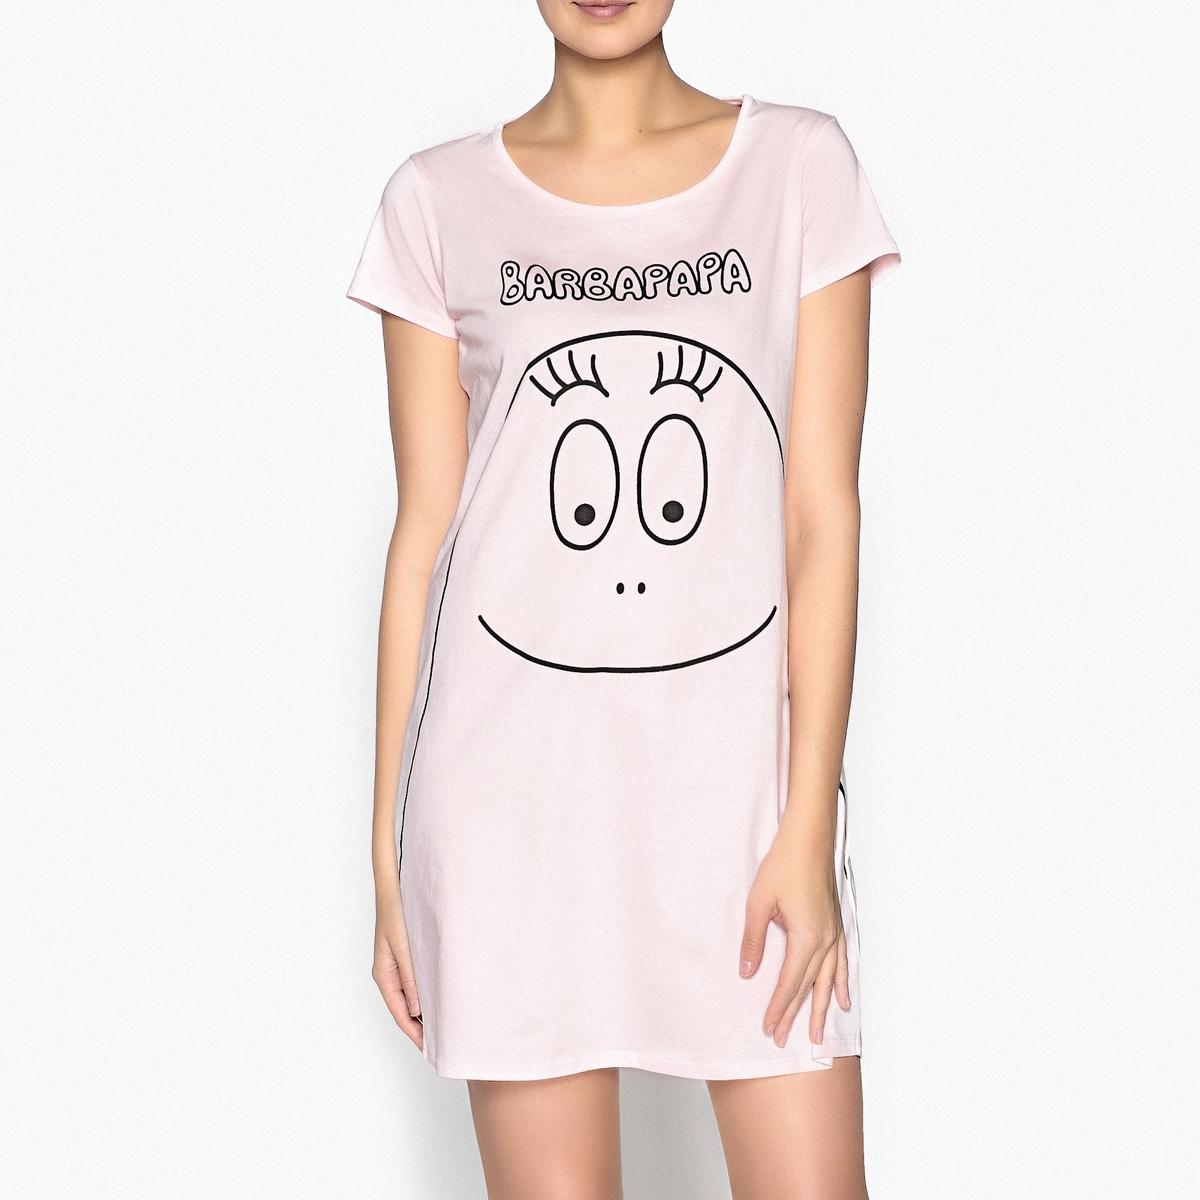 Рубашка ночная из хлопка с рисункомИзысканная ночная рубашка Barbapapa, которая позволяет насладиться моментами отдыха  и поднимает настроение .Состав и описание :Закругленный вырез, короткие рукава, рисунок на груди. Материал: 100 % хлопок.  Джерси 160 г. Длина: 91 см (размер M)Покрой: прямойМарка: BarbapapaУход: стирать при 40° с вещами схожих цветов. Стирать и гладить с изнаночной стороны.Машинная сушка запрещена.<br><br>Цвет: розовый<br>Размер: M